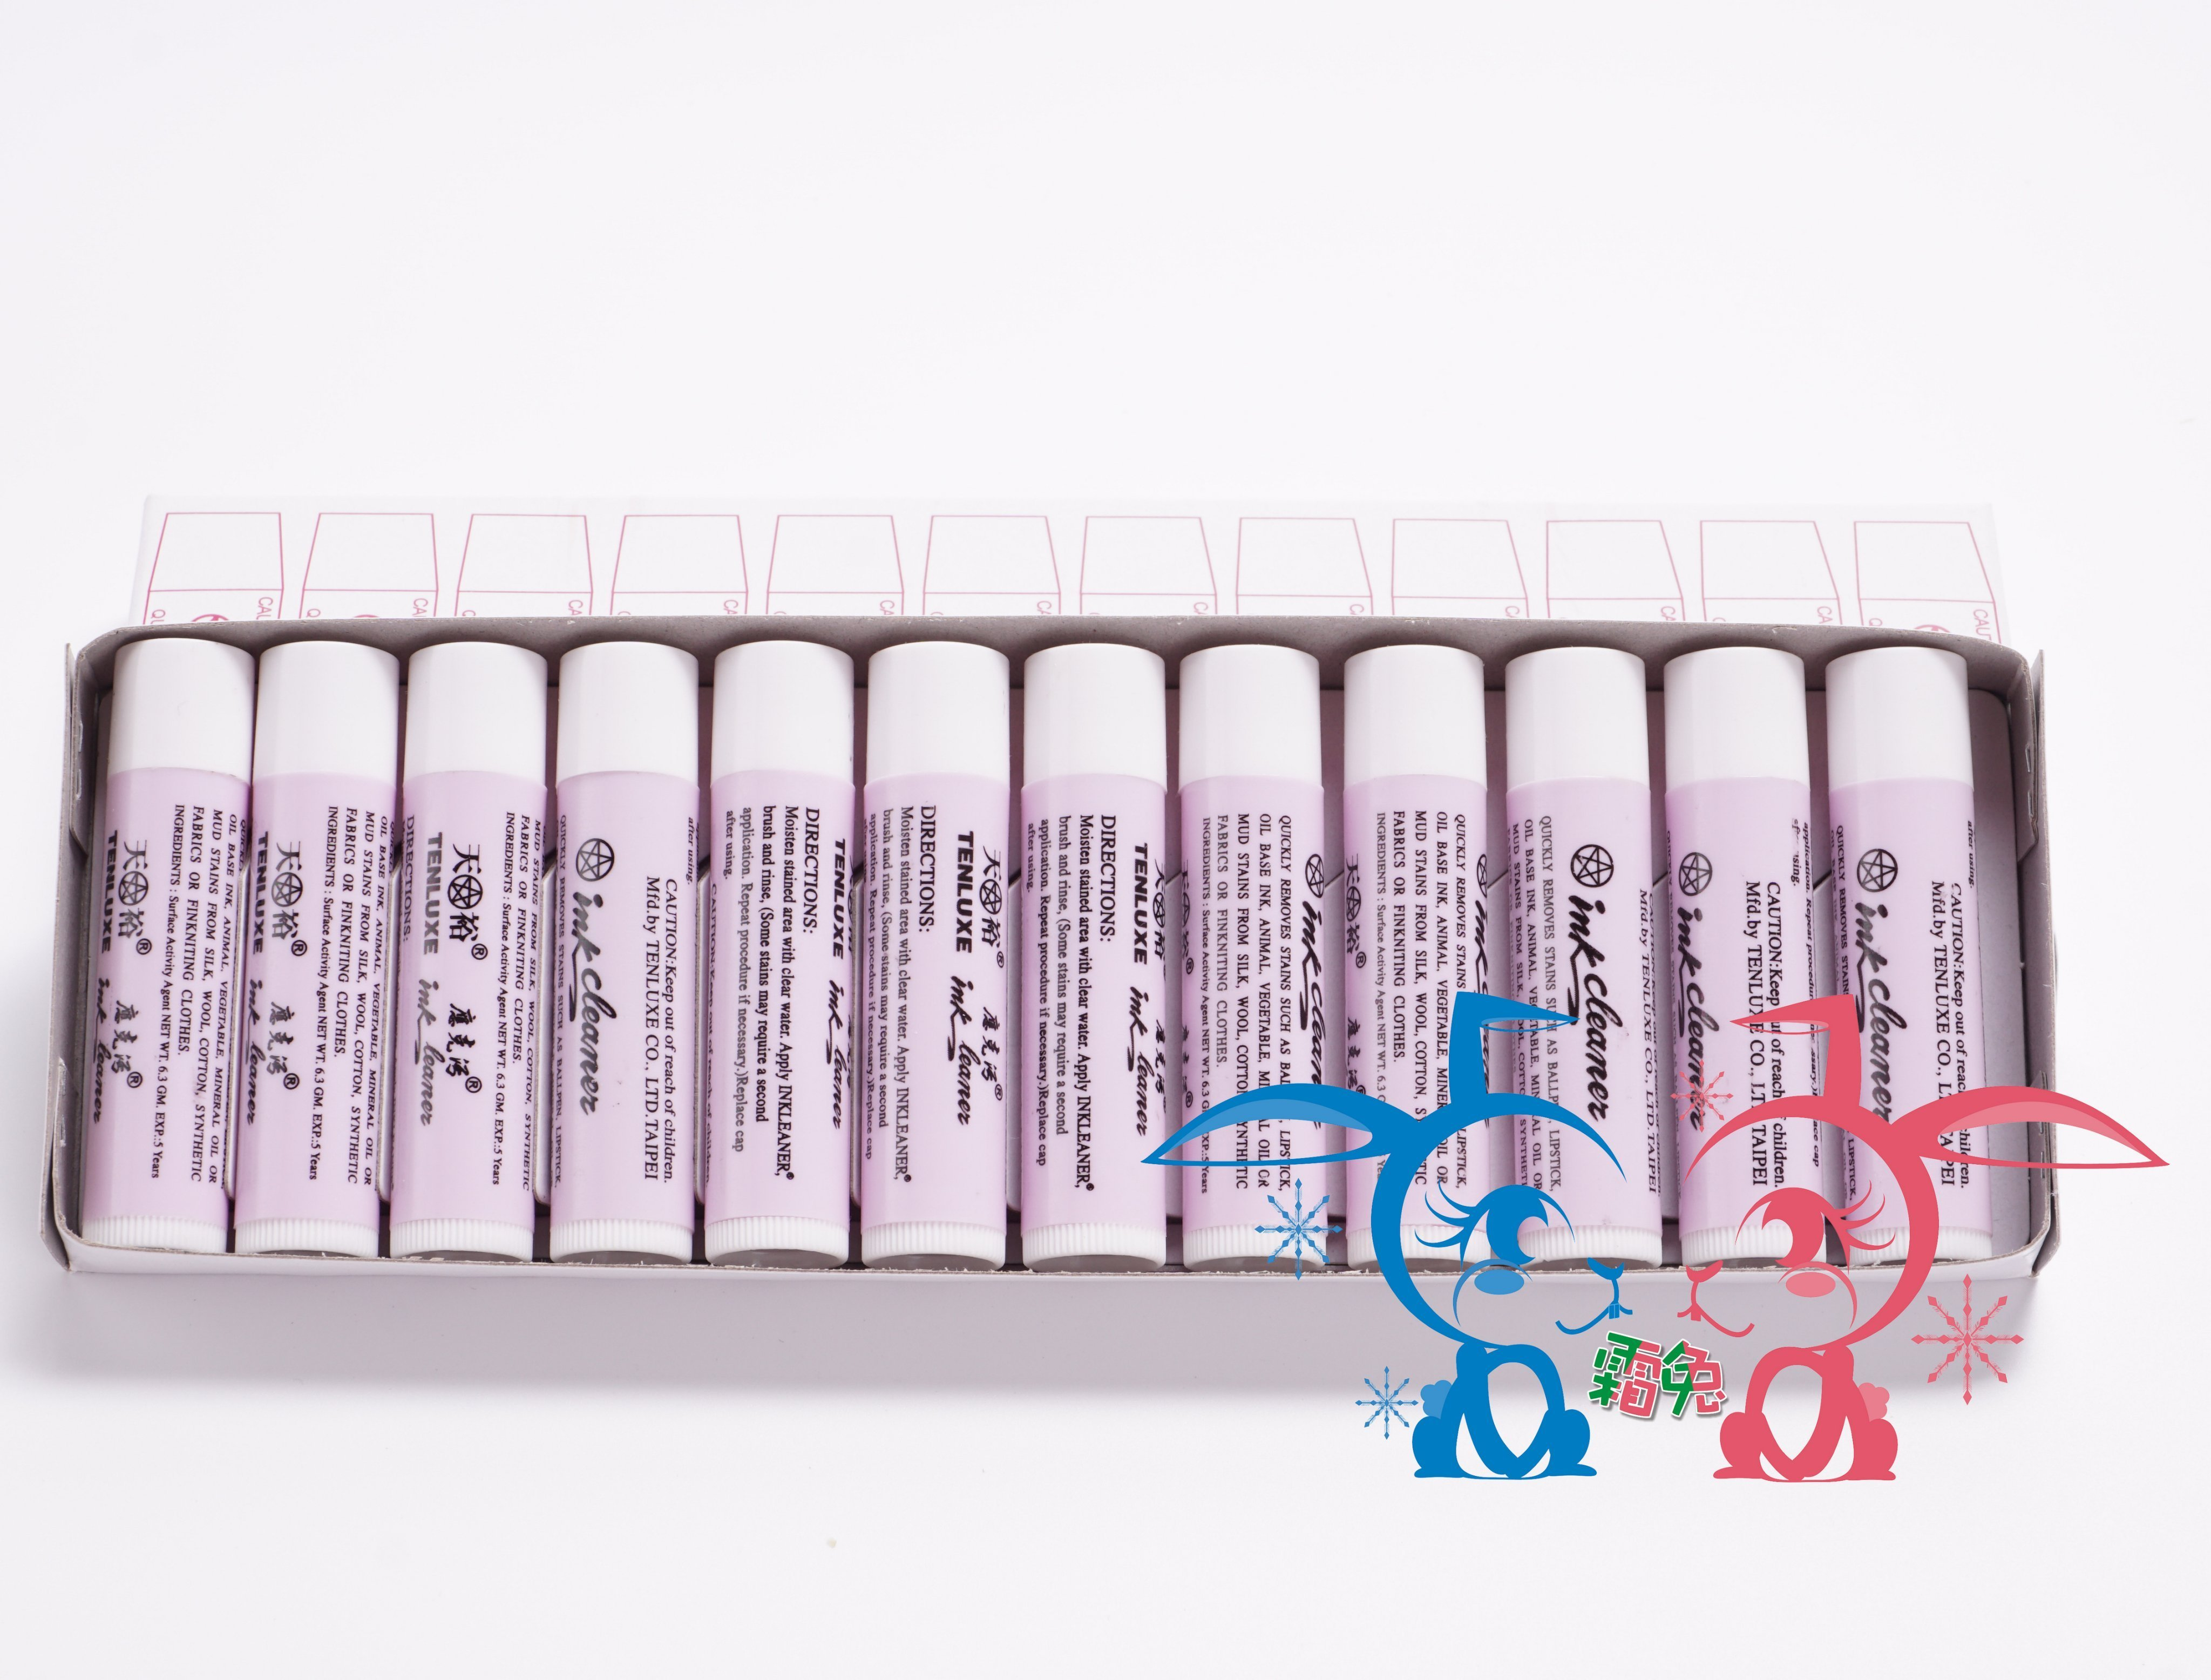 [霜兔小舖]郵寄免運 天裕 去污軟膏 去污膏 口紅筆 去污棒 隨身攜帶 12入 盒( 貨)